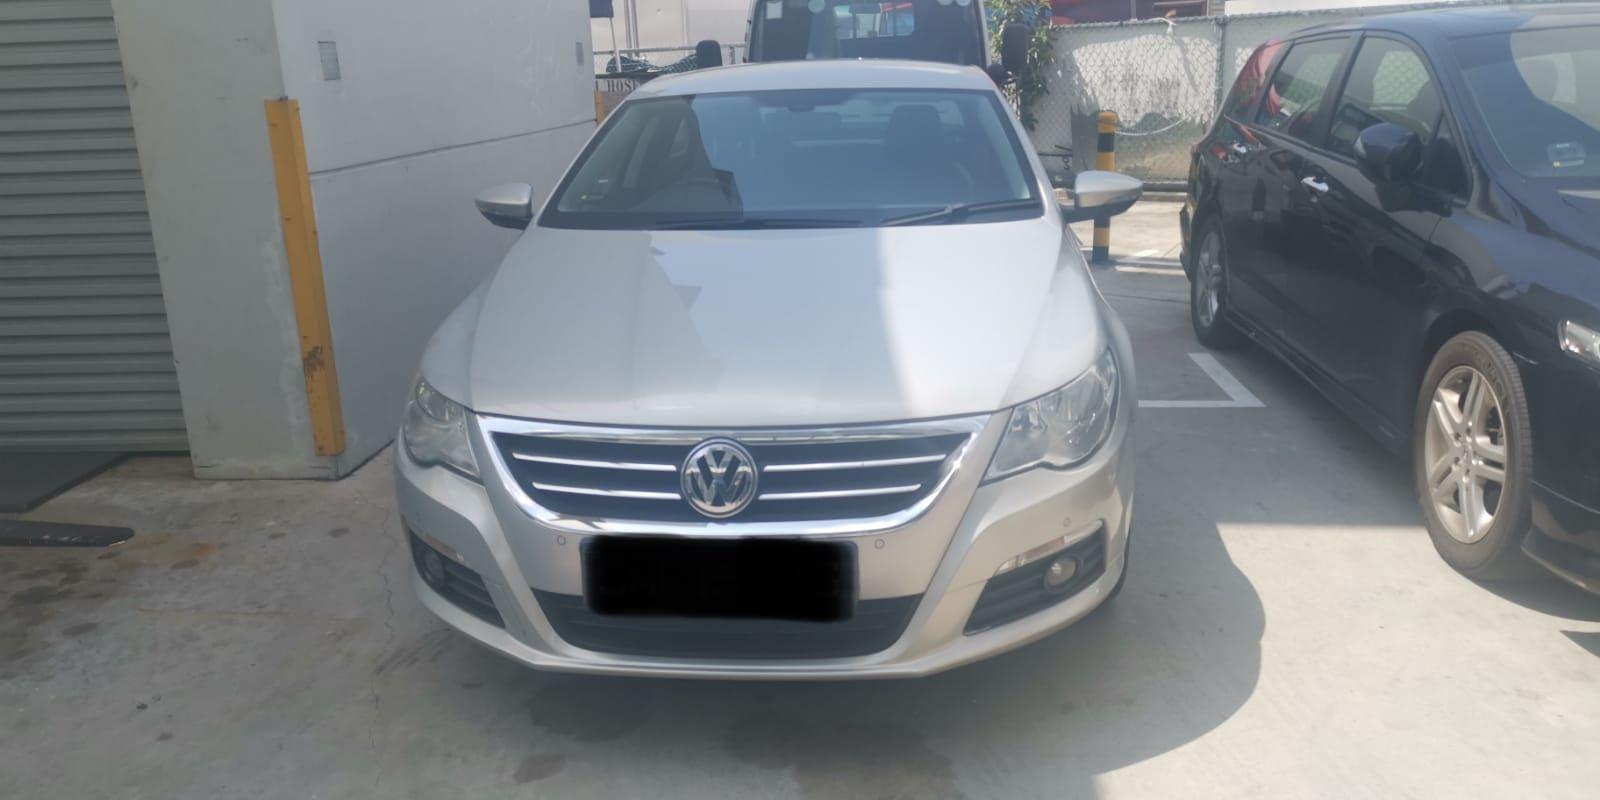 Continental Luxury Sedan for rental - Volkswagen Passat 1.8 CC TSI Auto